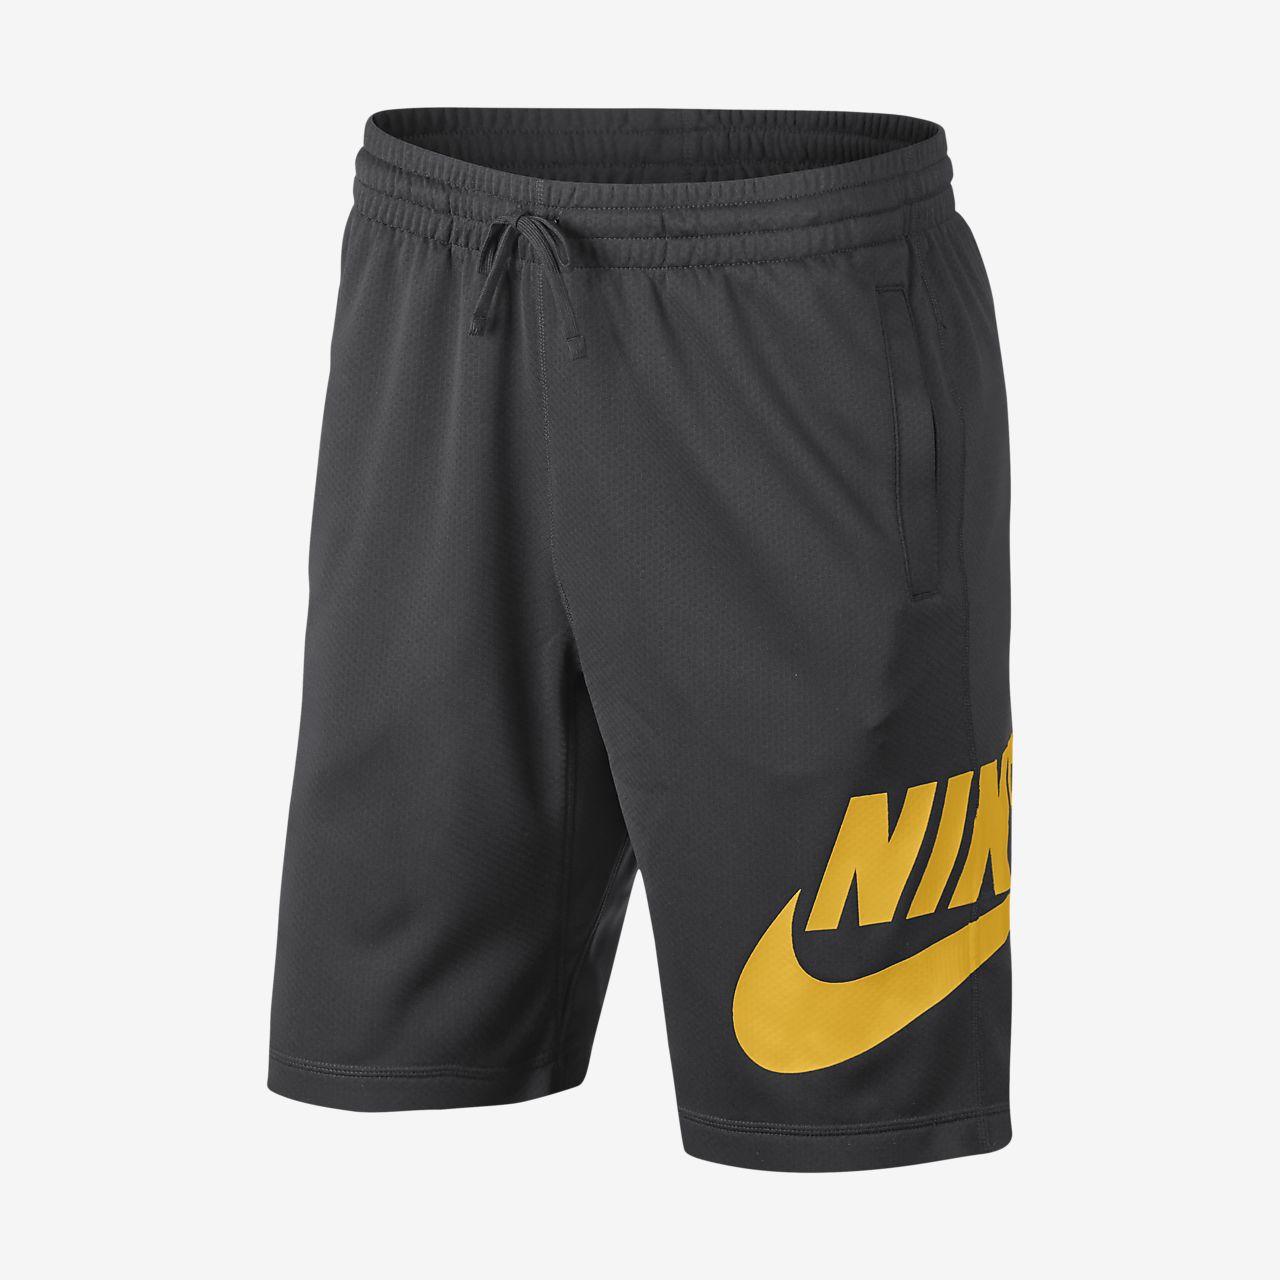 d4bfcdfd5e Nike SB Dry Men's Shorts